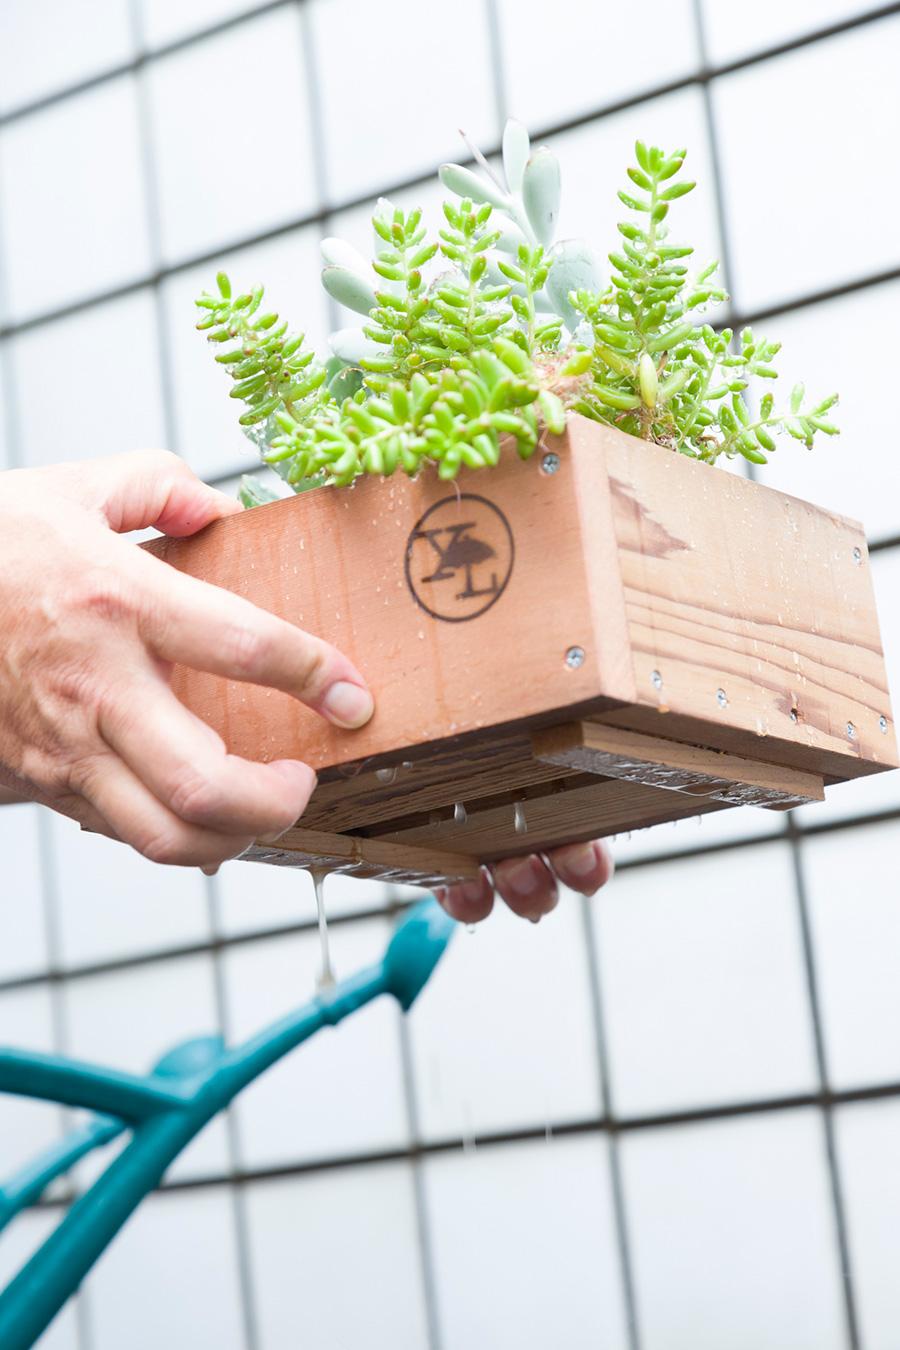 普段の水やりも、用土が乾いてから、鉢底から水が出るまでたっぷりと水をやるのが上手に植物を育てるコツ。